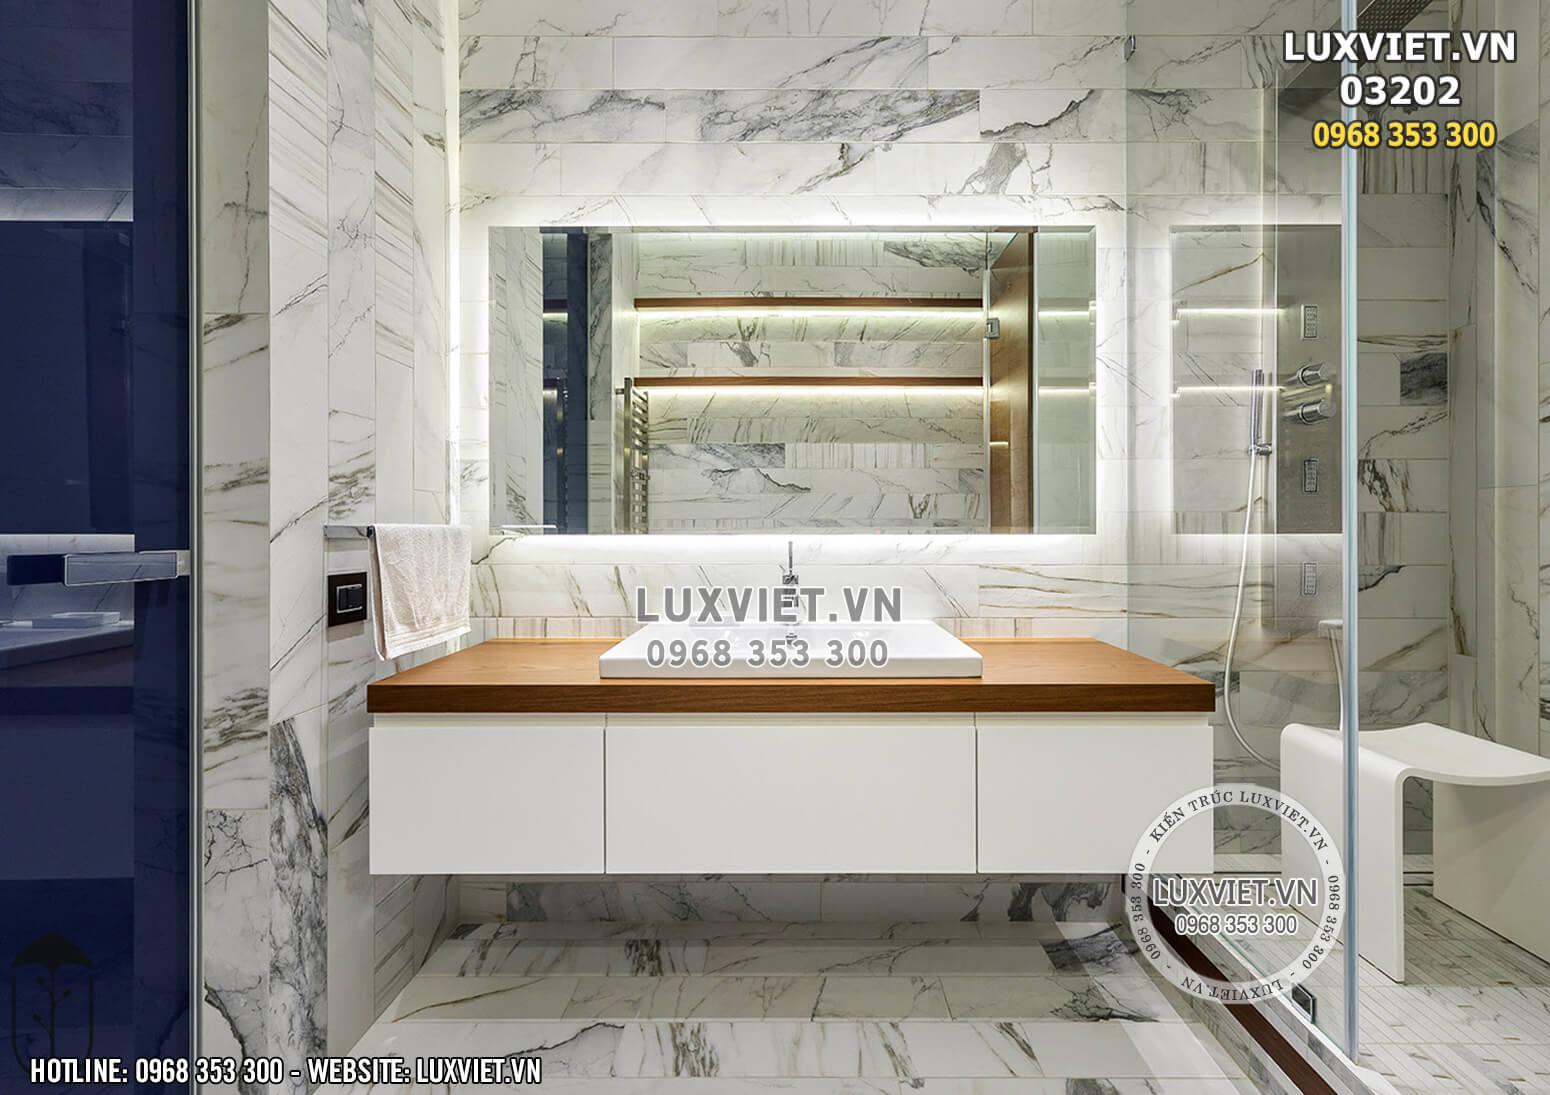 Hình ảnh: Góc phòng tắm rộng rãi - LV 03202